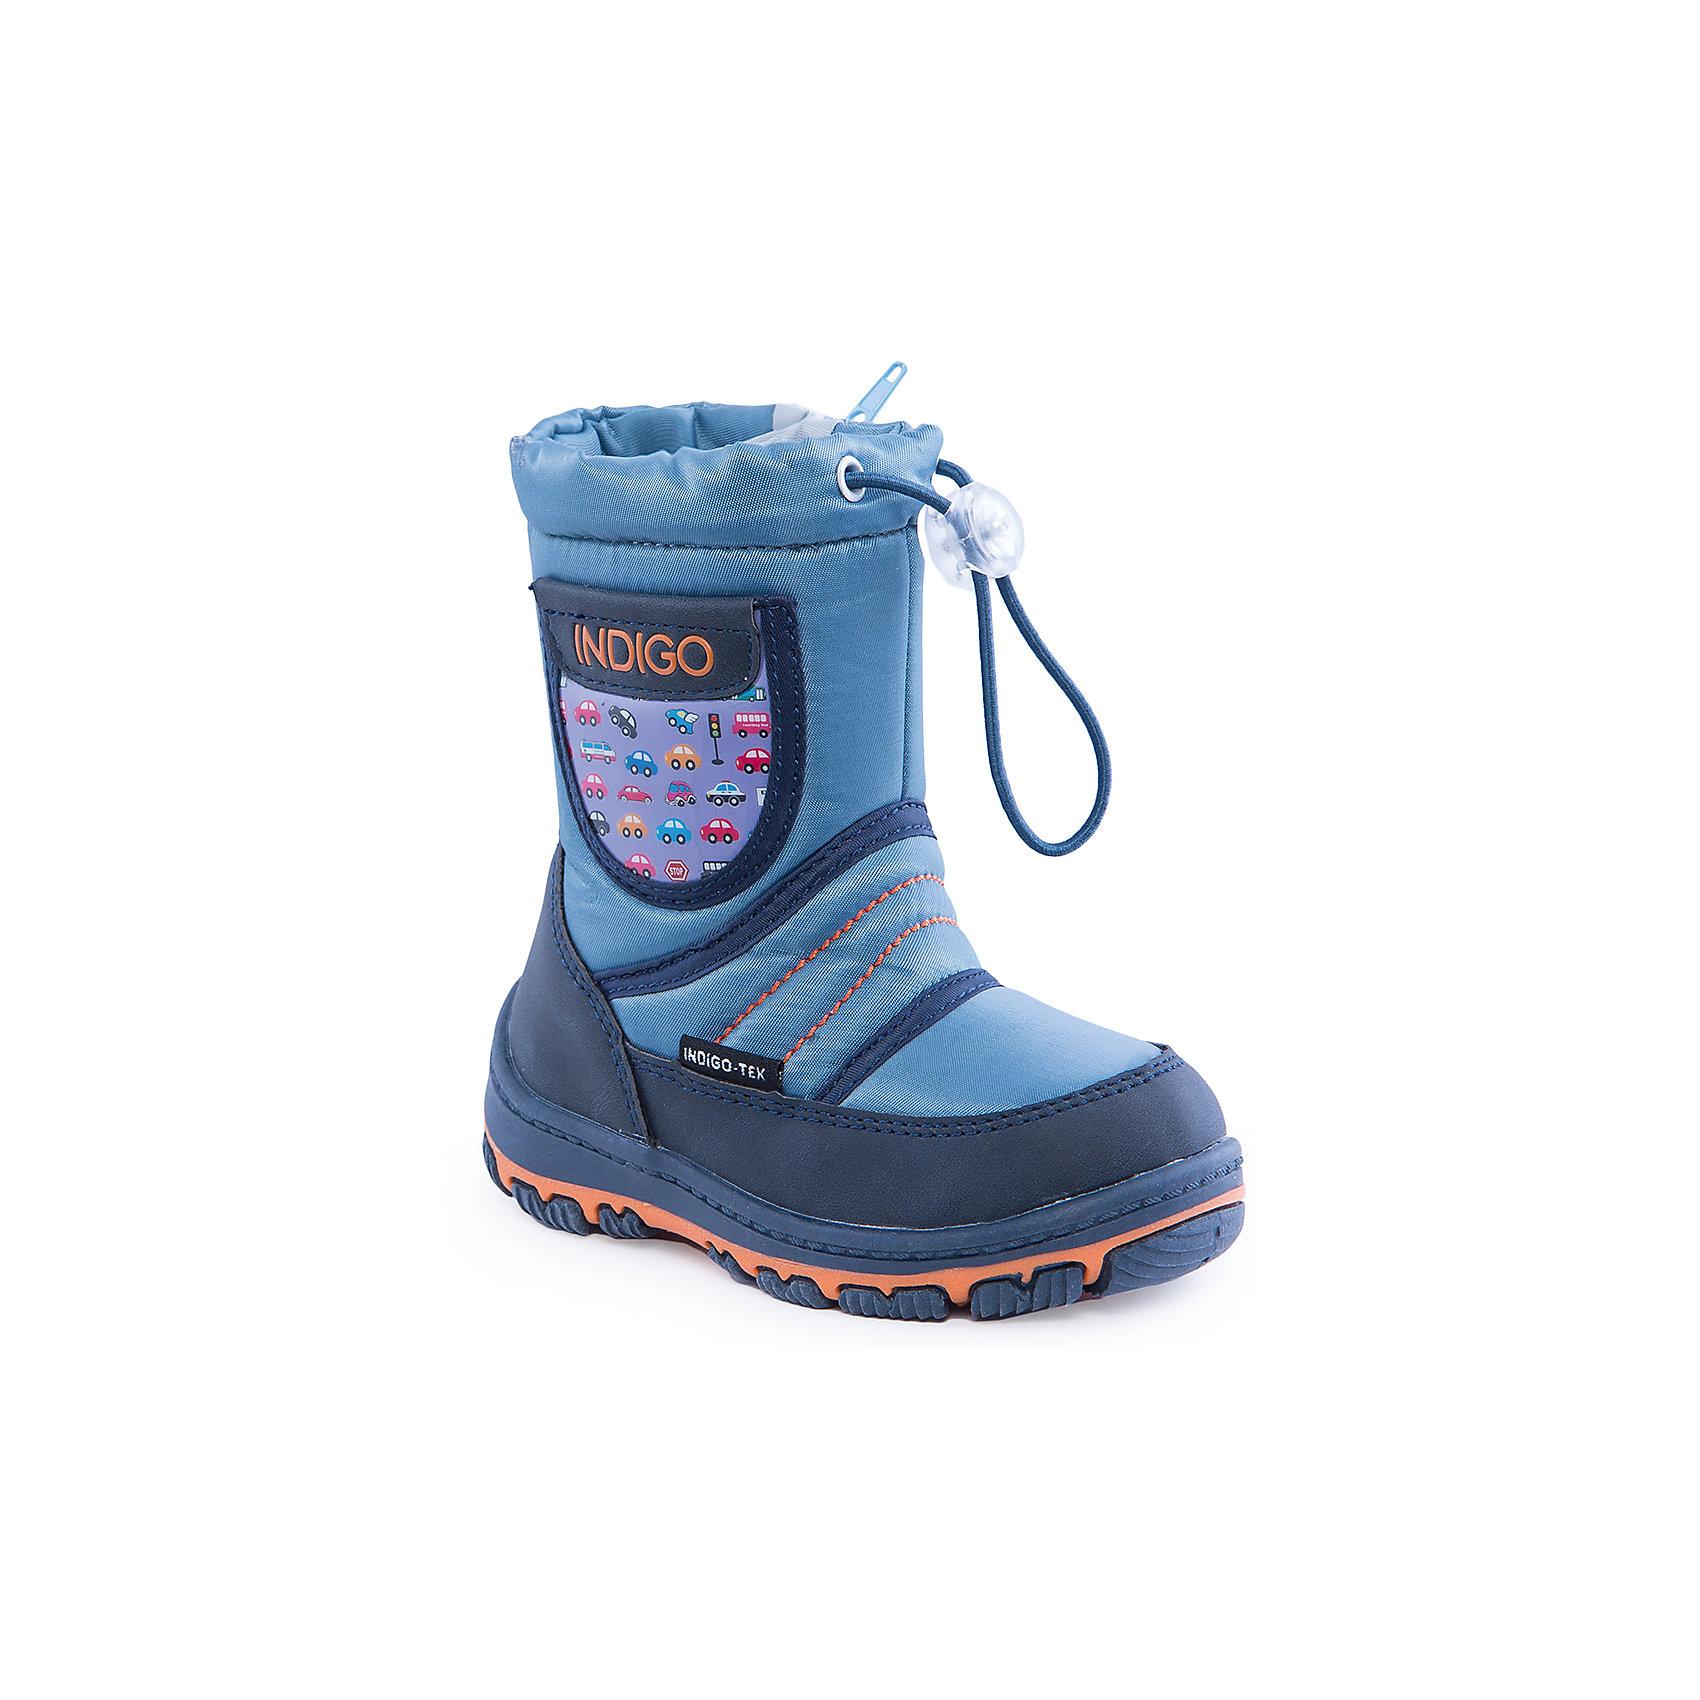 Сапоги для мальчика Indigo kidsСапоги для мальчика от известного  бренда Indigo kids<br><br>Модные и удобные сапоги помогут защитить детские ножки от сырости и холода. Они легко надеваются, комфортно садятся по ноге.  Они легко надеваются, комфортно садятся по ноге. <br>Сапоги сделаны с применением технологии INDIGO TEX – это мембранный материал, выводящий влагу из обуви наружу, но не позволяющий сырости проникать внутрь.<br><br>Особенности модели:<br><br>- цвет - синий;<br>- стильный дизайн;<br>- защита пятки и пальцев;<br>- удобная колодка;<br>- подкладка шерстяная;<br>- вставка с автомобильным принтом;<br>- наверху голенища - утяжка со стоппером;<br>- мембрана INDIGO TEX;<br>- устойчивая рифленая подошва;<br>- застежка - молния.<br><br>Дополнительная информация:<br><br>Температурный режим:<br>от -10° С до +5° С<br><br>Состав:<br><br>верх – текстиль/искусственная кожа;<br>подкладка - шерсть;<br>подошва - полимер.<br><br>Сапоги для мальчика Indigo kids (Индиго Кидс) можно купить в нашем магазине.<br><br>Ширина мм: 257<br>Глубина мм: 180<br>Высота мм: 130<br>Вес г: 420<br>Цвет: синий<br>Возраст от месяцев: 24<br>Возраст до месяцев: 24<br>Пол: Мужской<br>Возраст: Детский<br>Размер: 25,22,23,27,26,24<br>SKU: 4340503